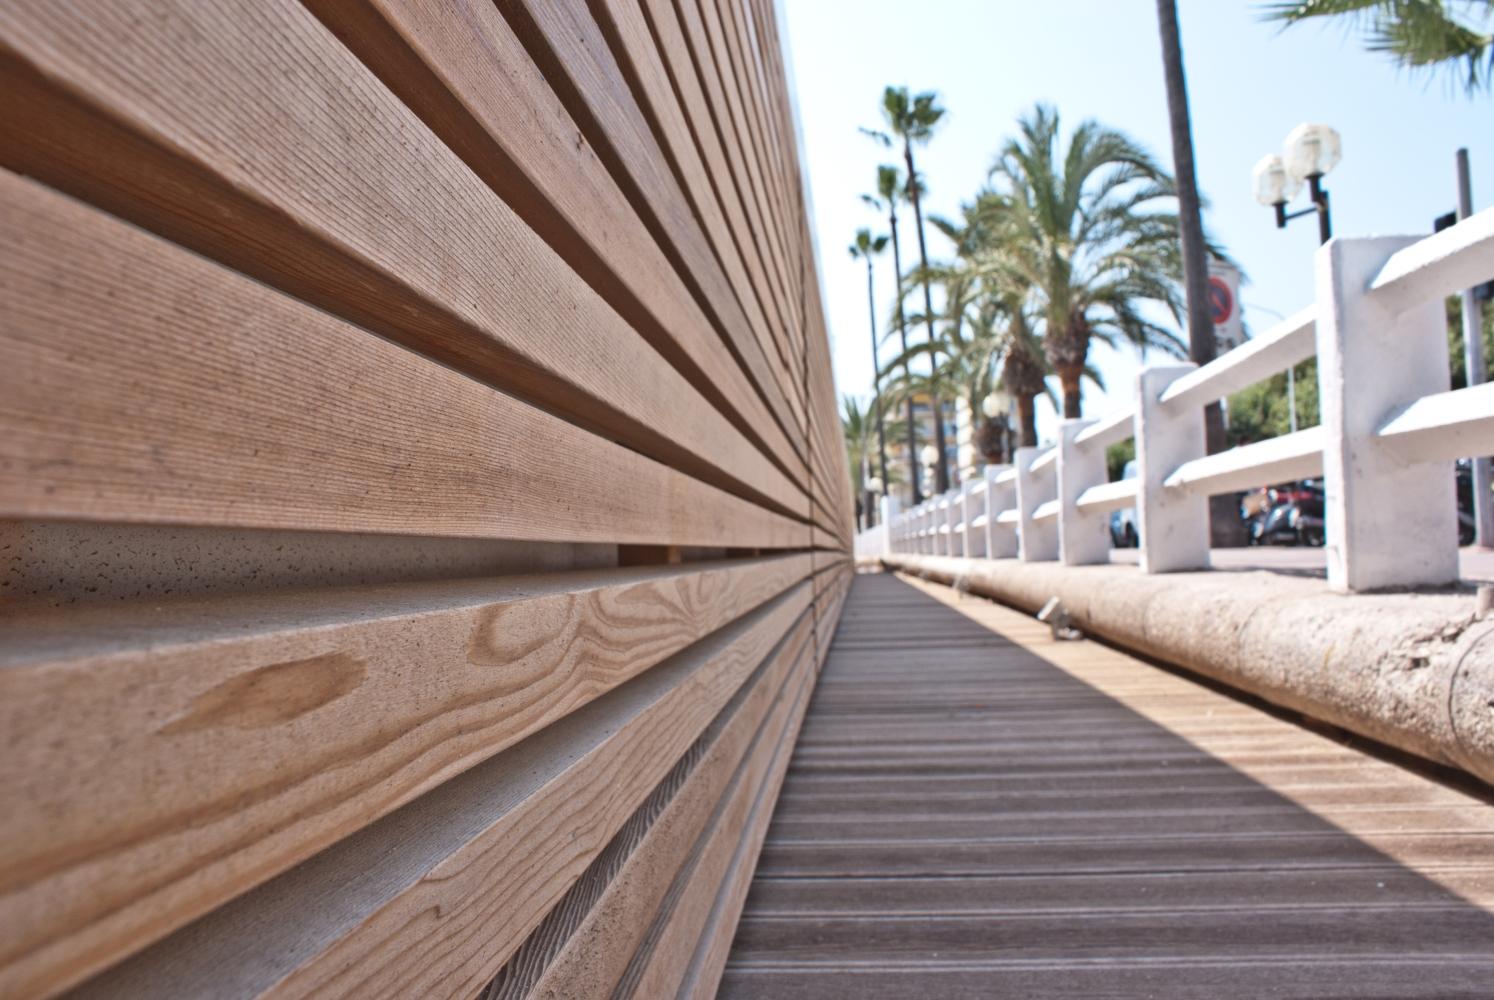 Rivestimento in legno di Cedro Rosso Canadese - Cannes (Francia)  Jove